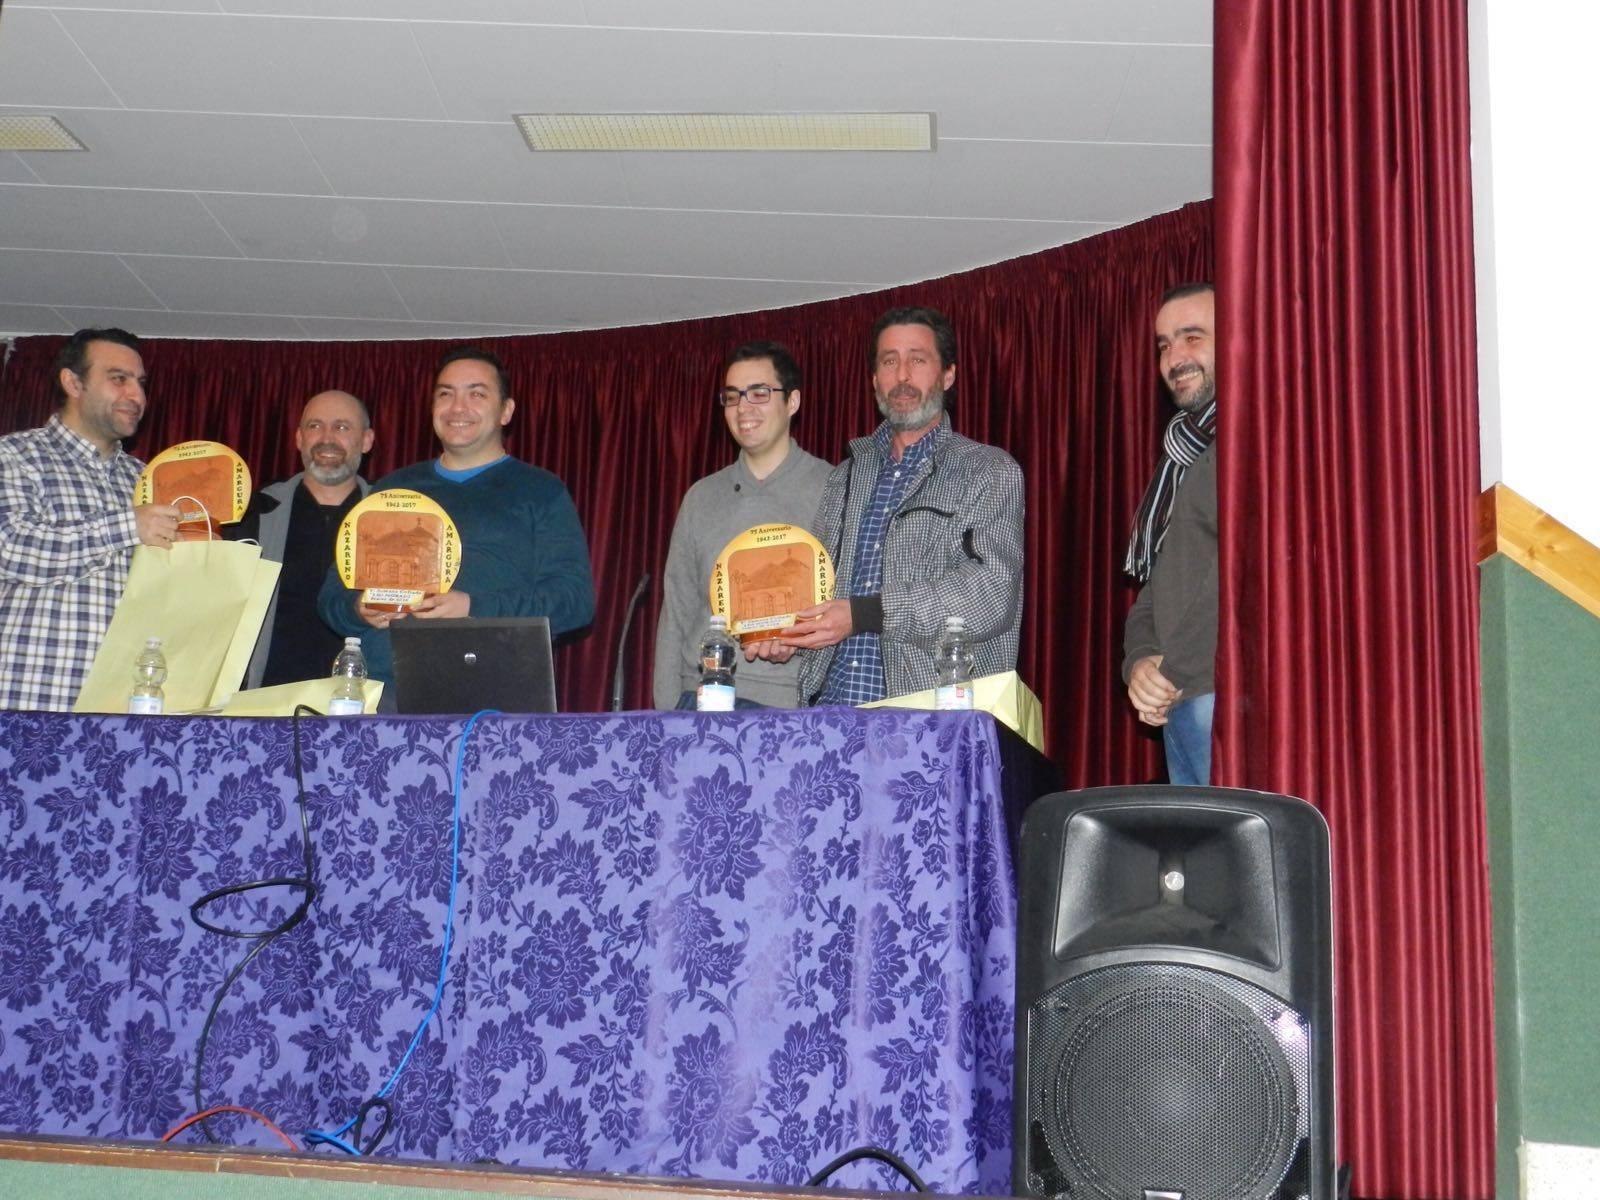 charla sobre costaleros de la V Semana Cofrade de los Moraos de Herencia - Éxito en el inicio de la V Semana Cofrade de Los Moraos